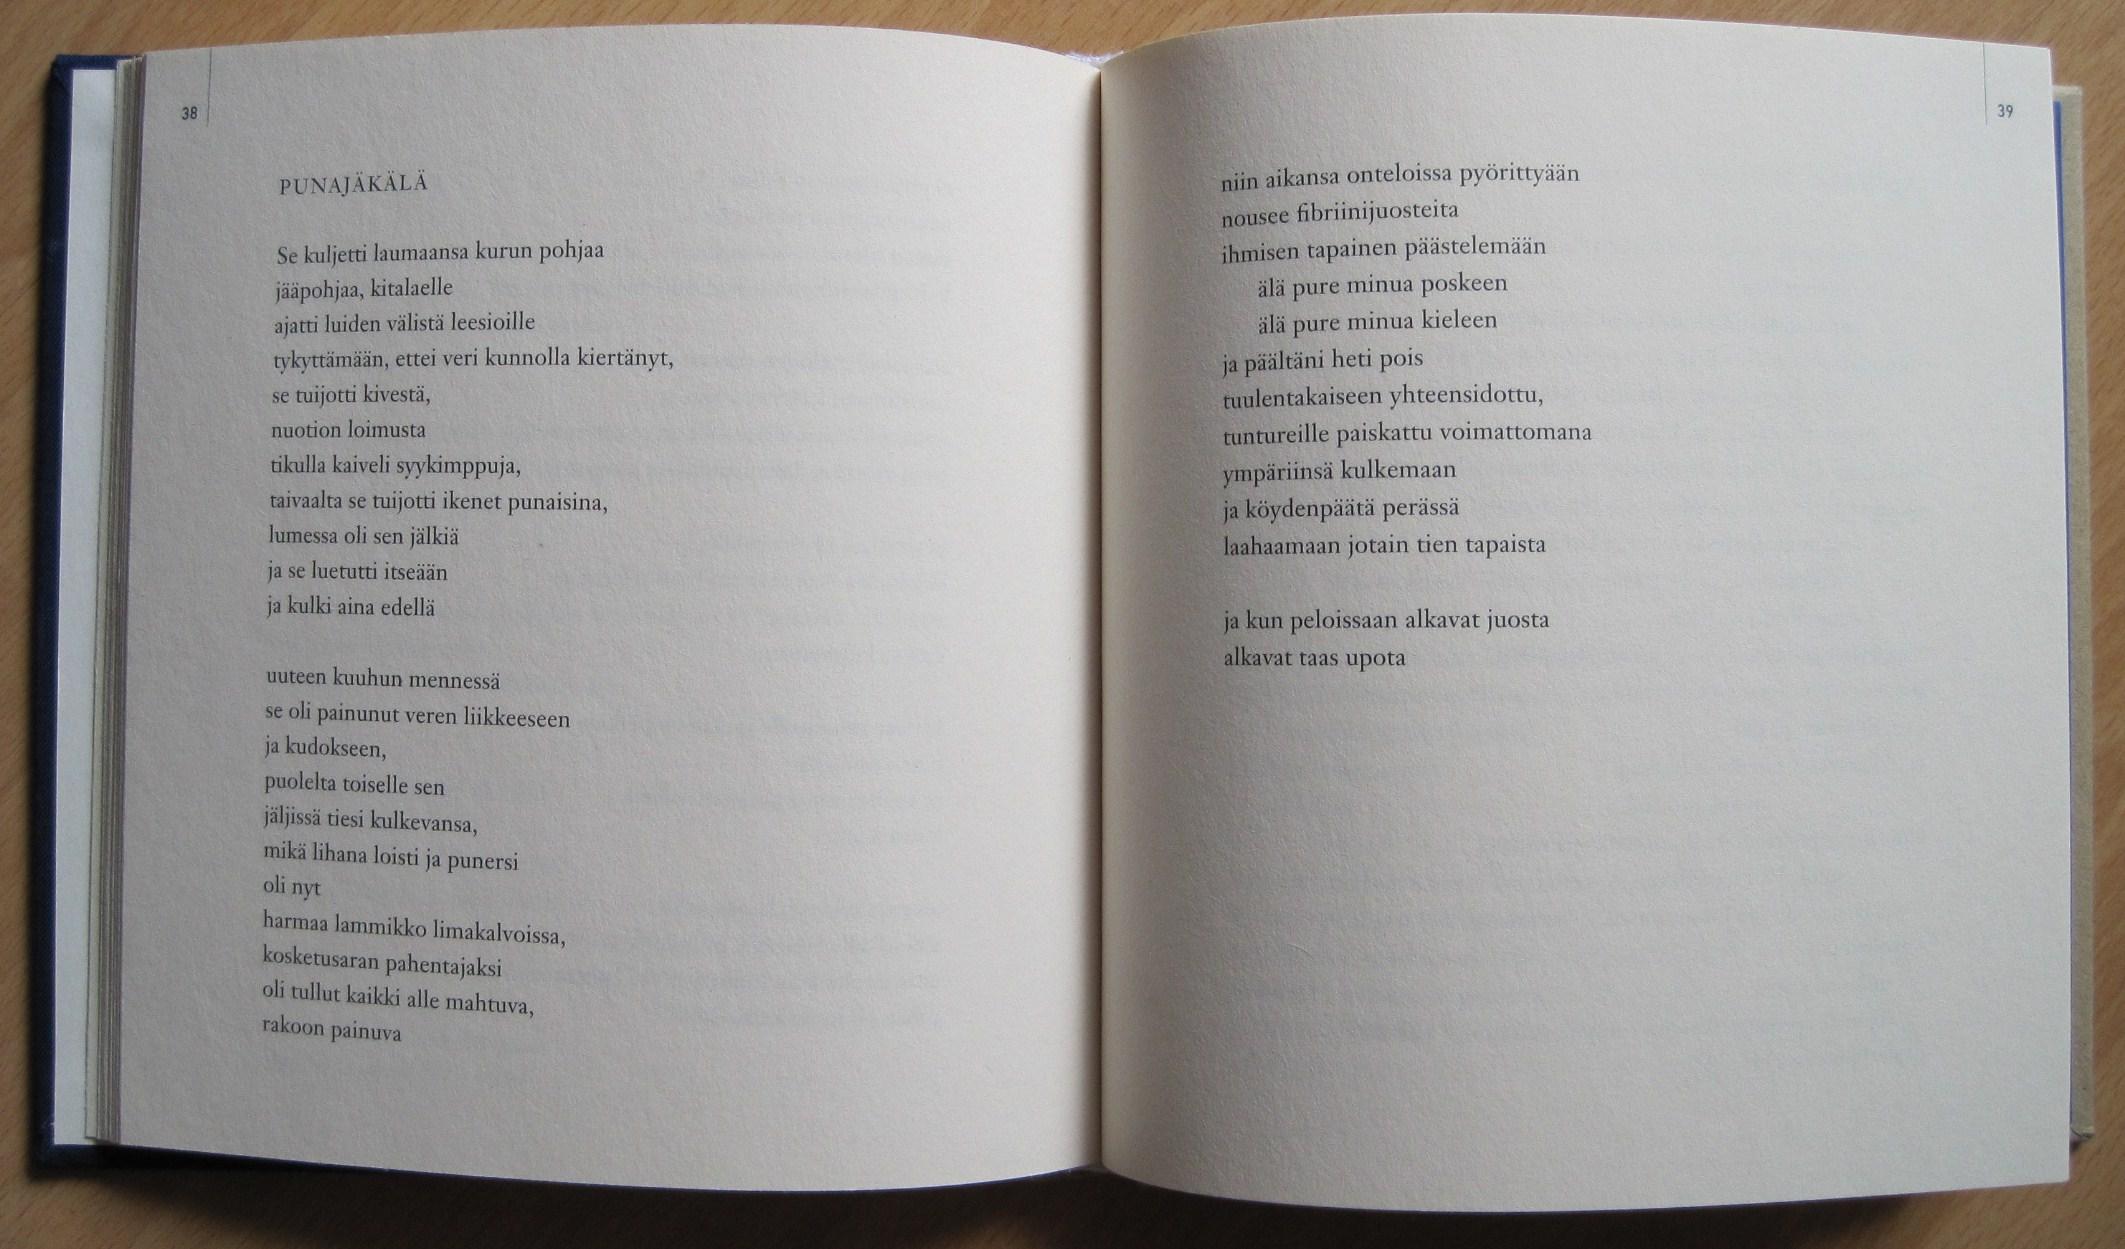 Hieno, pieni kiekura, sivut 38 ja 39